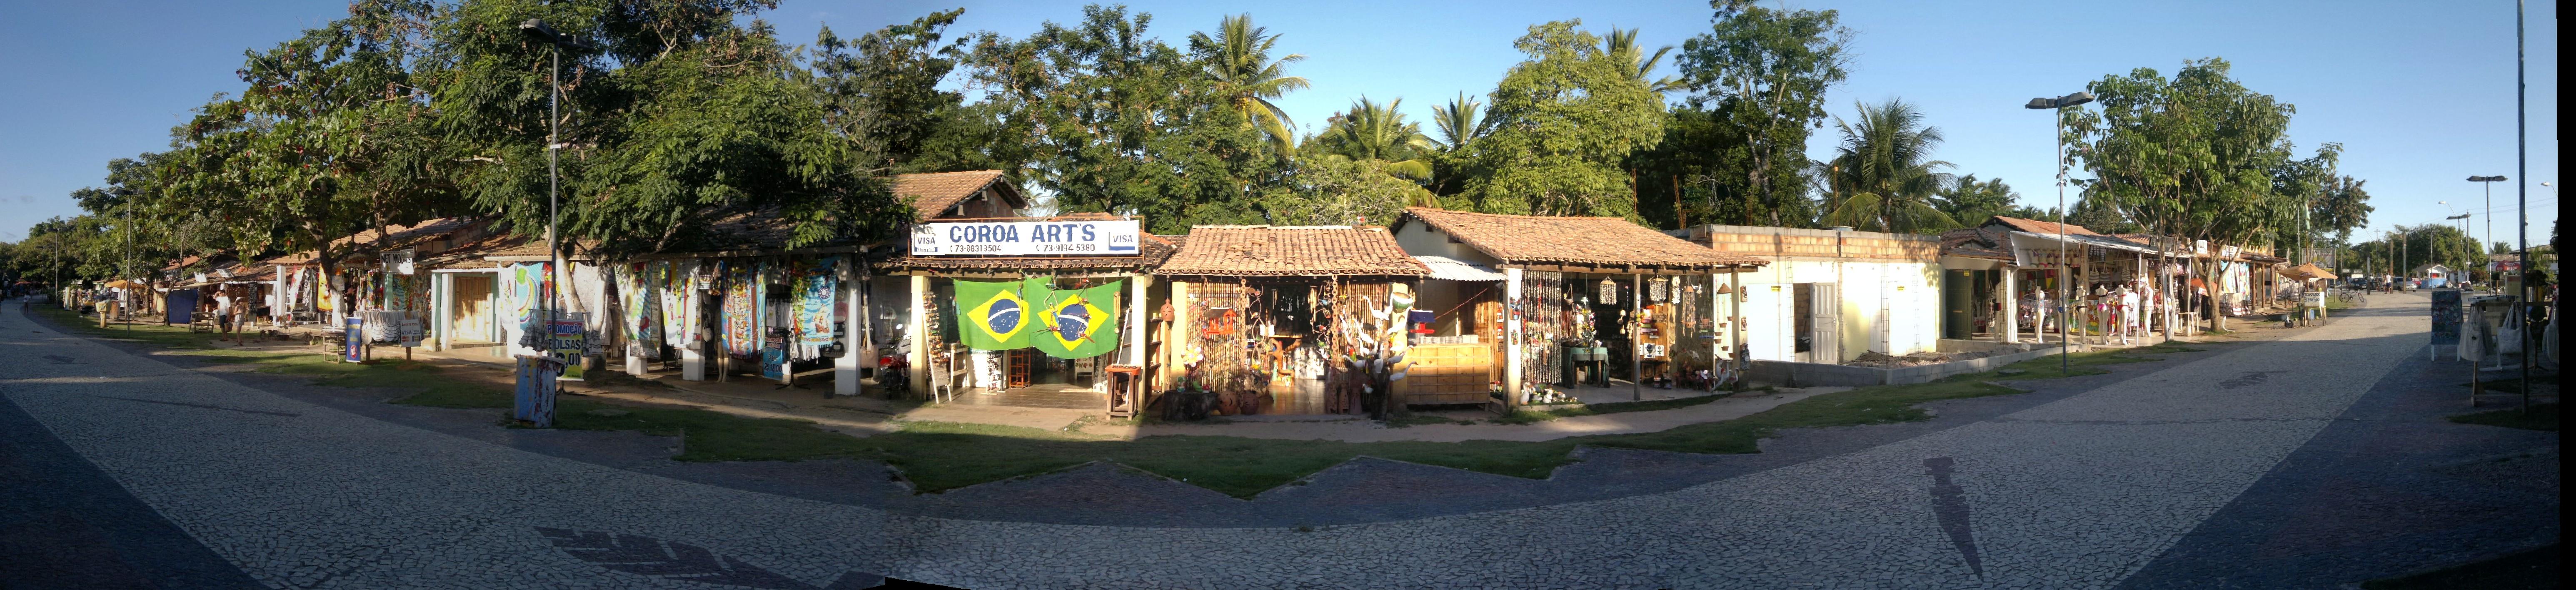 Sala do Luke  - Página 2 20121004162508